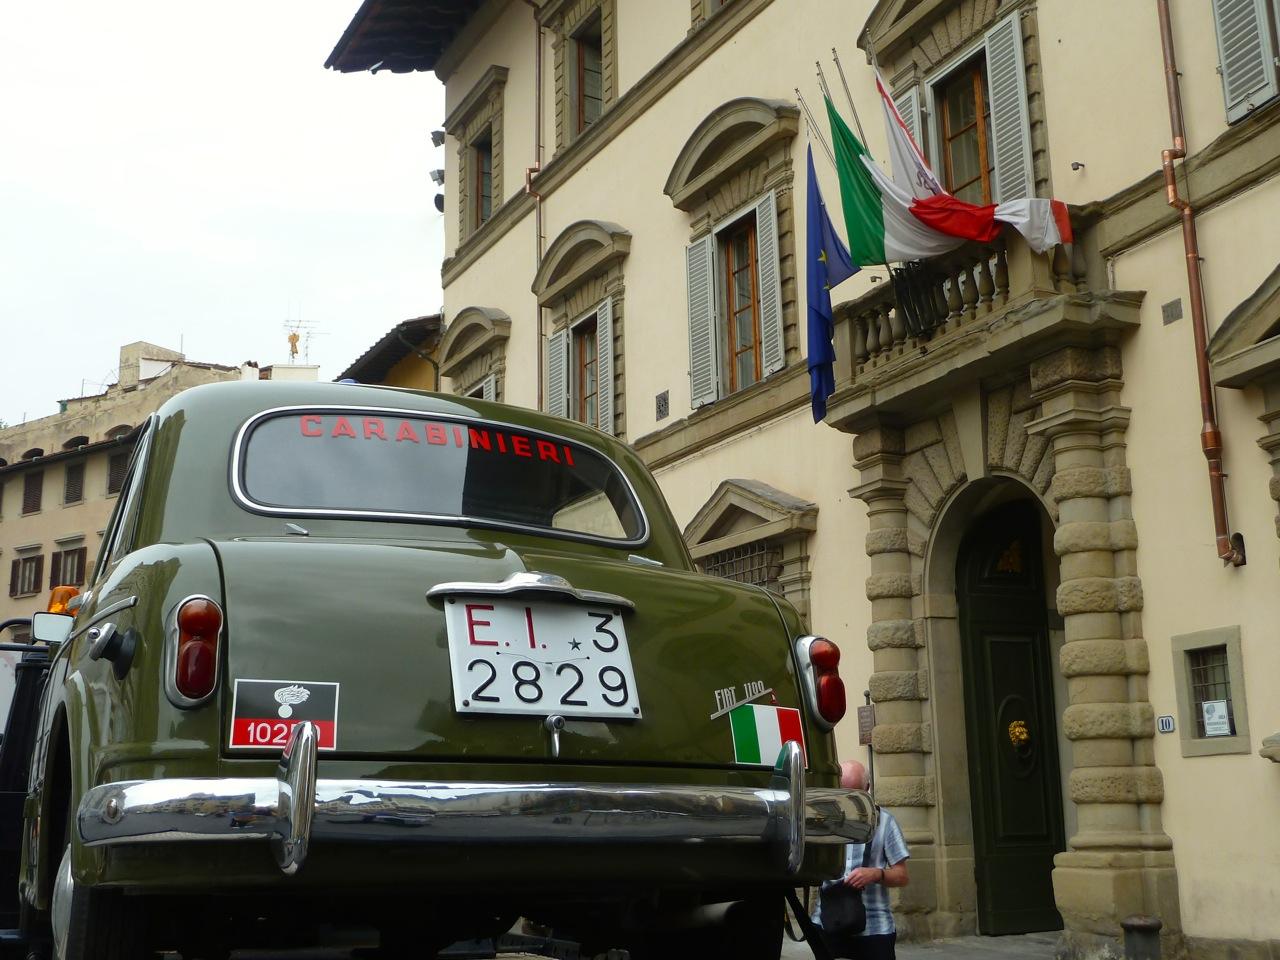 Será que com esse possante os carabinieri conseguem prender alguém?